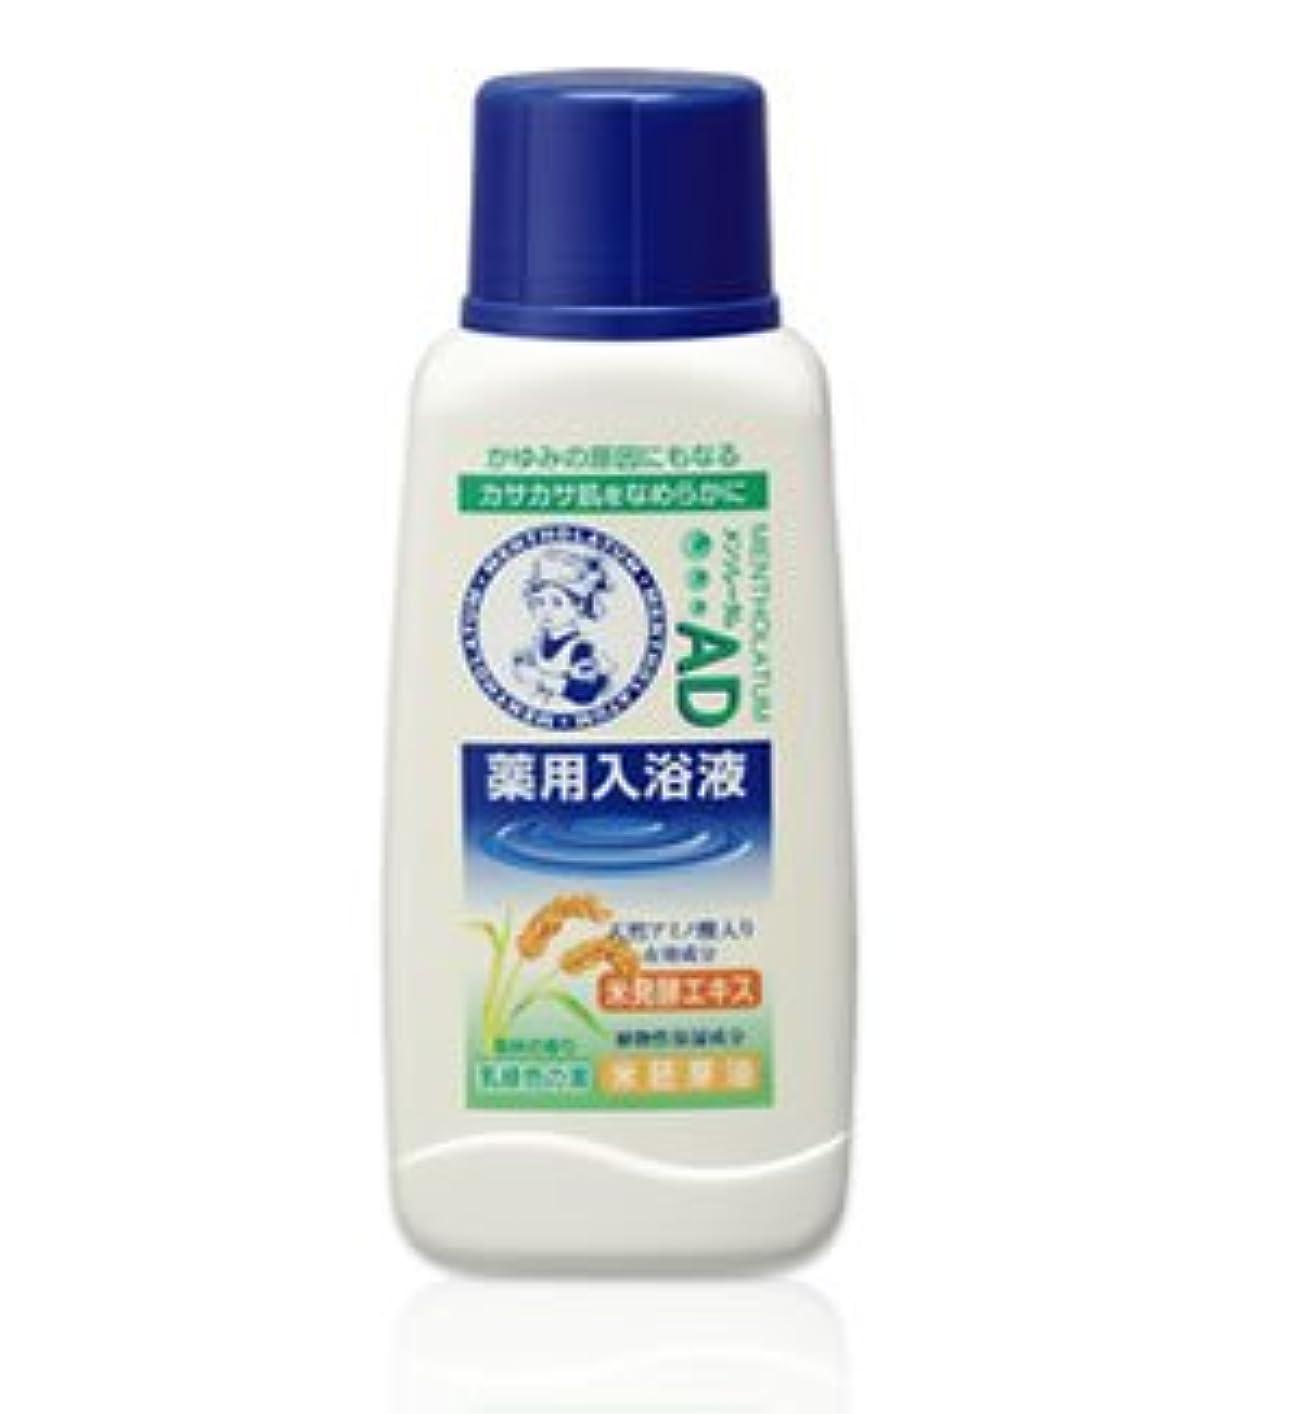 急流等価変わる(ロート)メンソレータム AD薬用入浴剤 森林の香り720ml(医薬部外品)(お買い得3本セット)